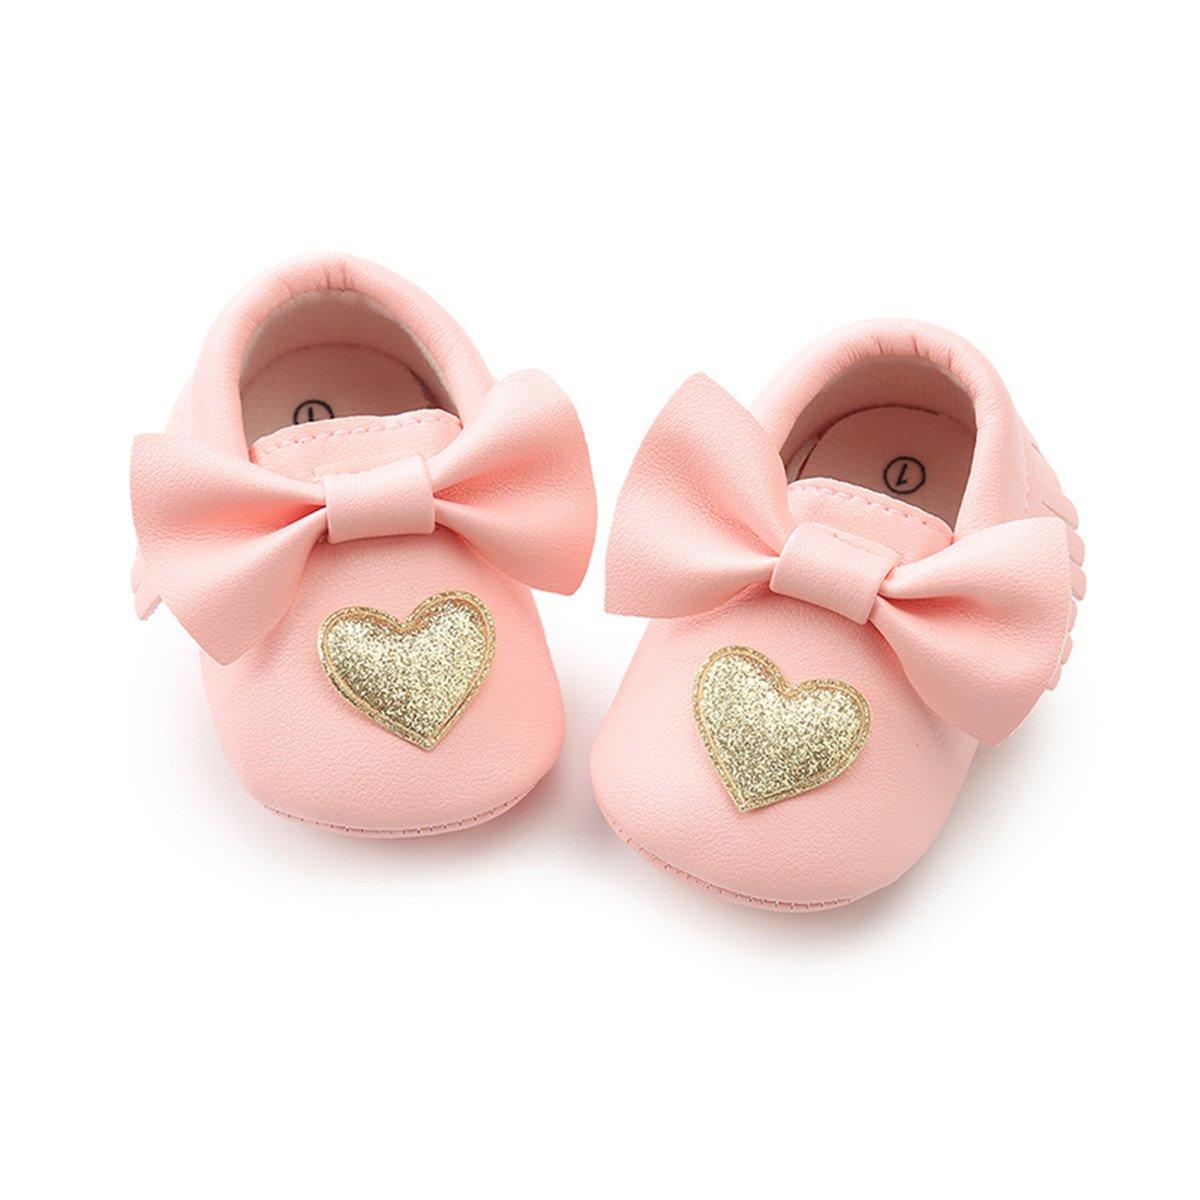 C/&H Baby Boys Girls Soft Soled Tassel/Bowknots Crib Infant Toddler Prewalker Moccasins Shoes 5107